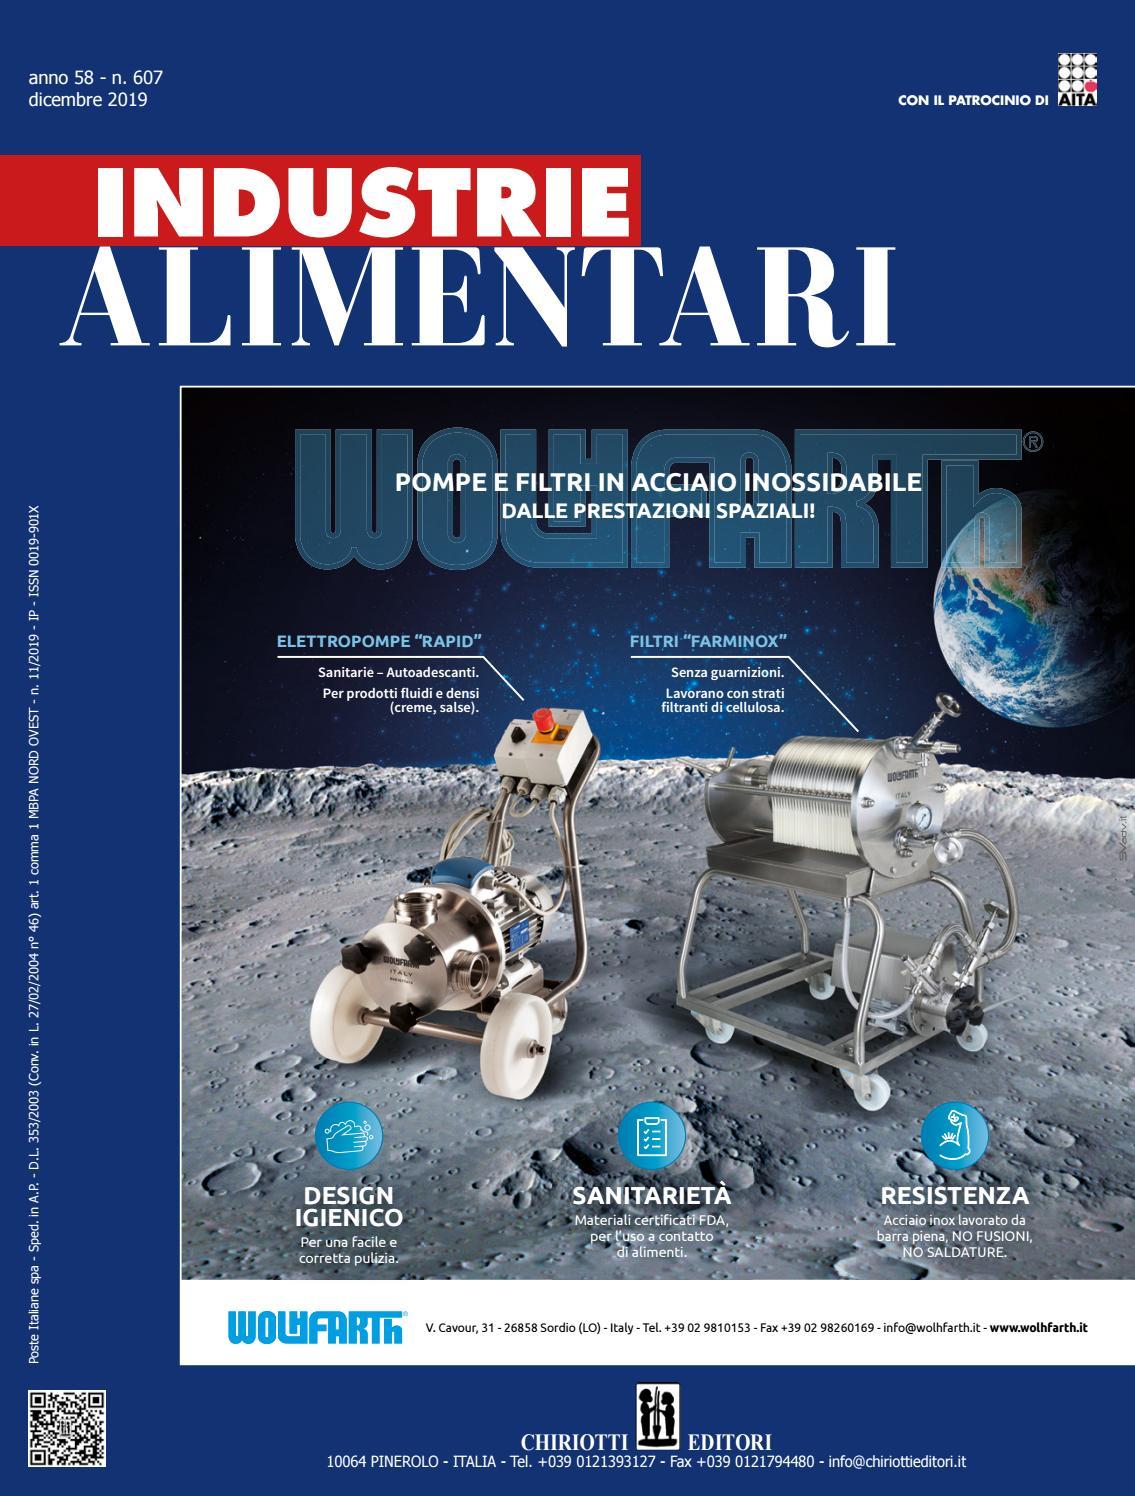 Automazione E Sicurezza Gorgonzola ia dicembre 2019 by chiriotti editori srl - issuu